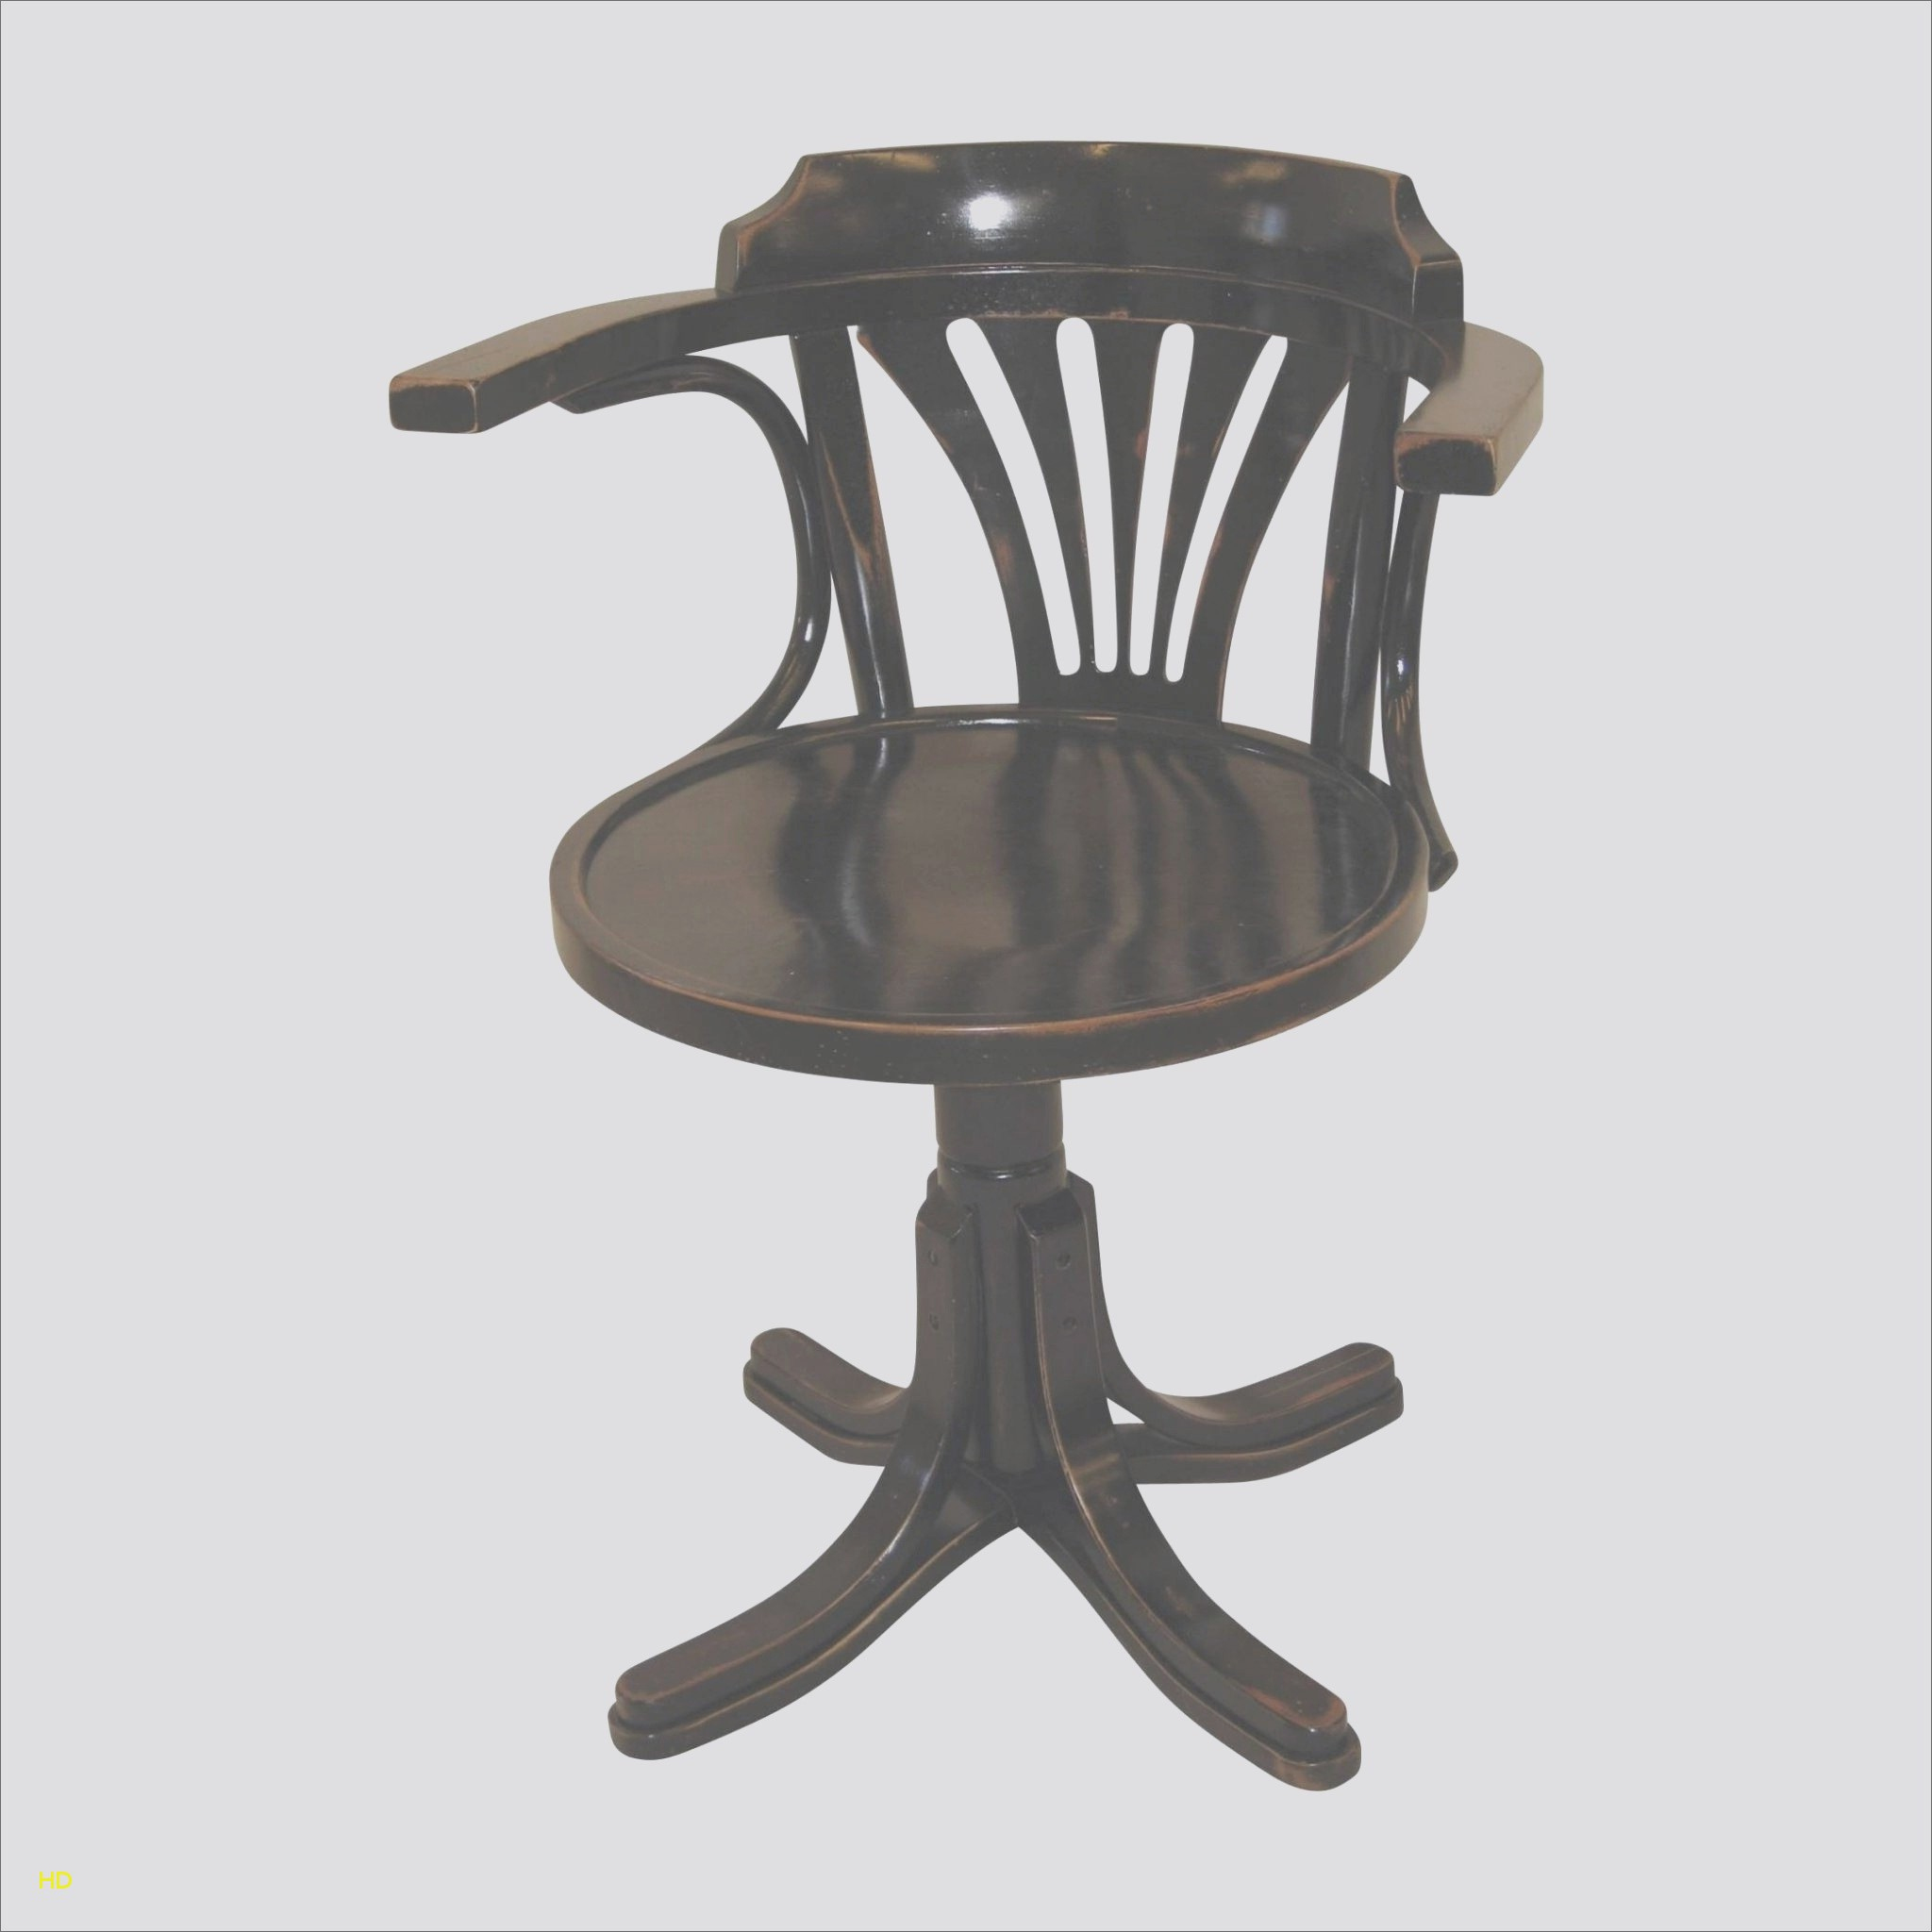 Table Et Chaises De Jardin Leclerc Inspirant Galerie Abri De Jardin En Bois Leclerc Plus Artistique Abris De Jardin Brico